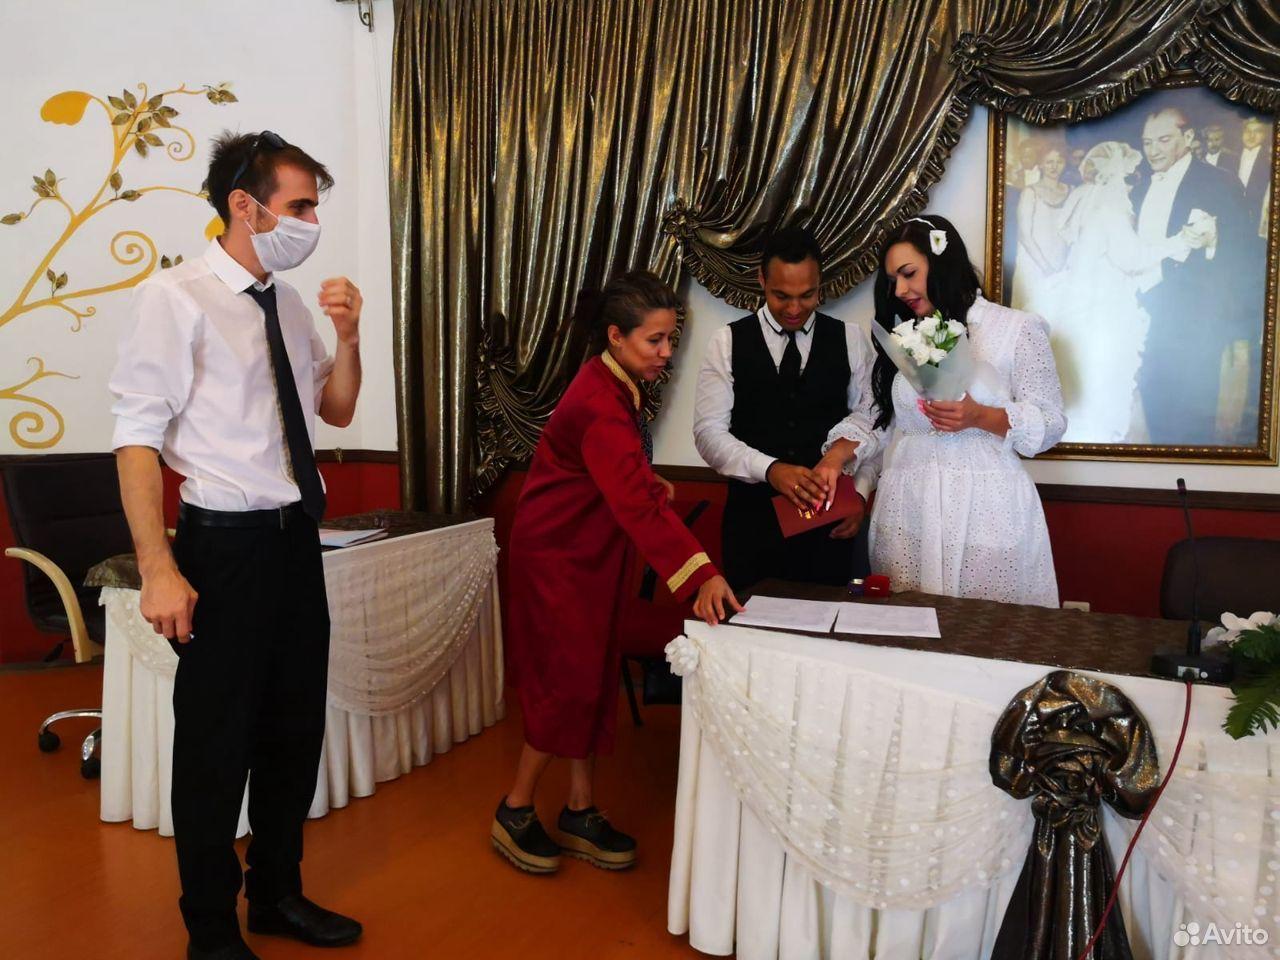 Регистрация брака в Tурции для иностранцев 2020  89818806224 купить 1